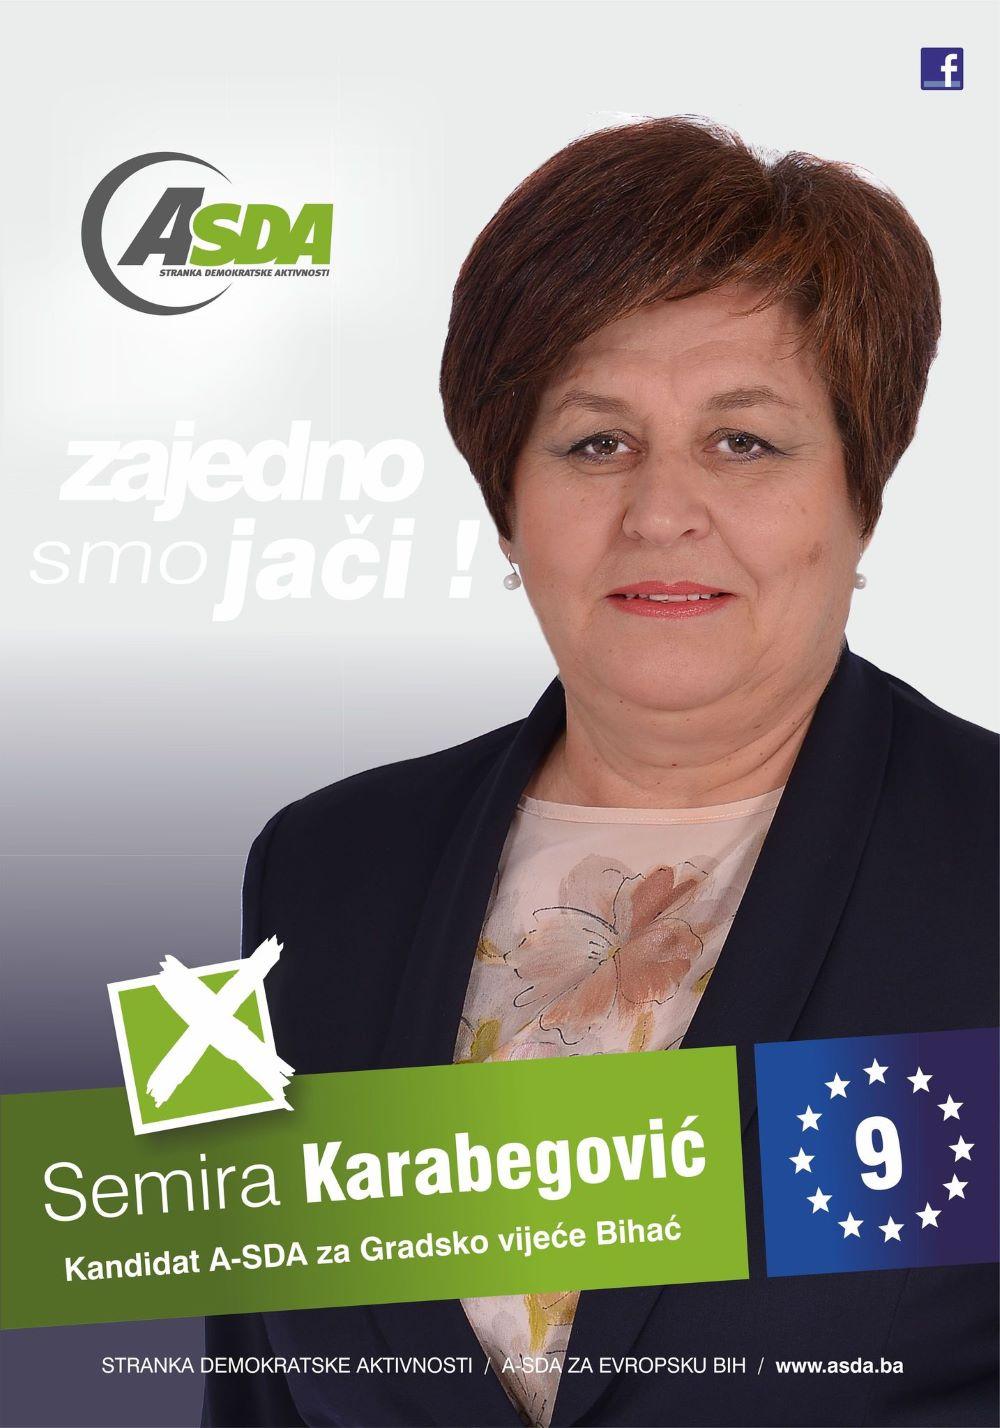 Semira Karabegović